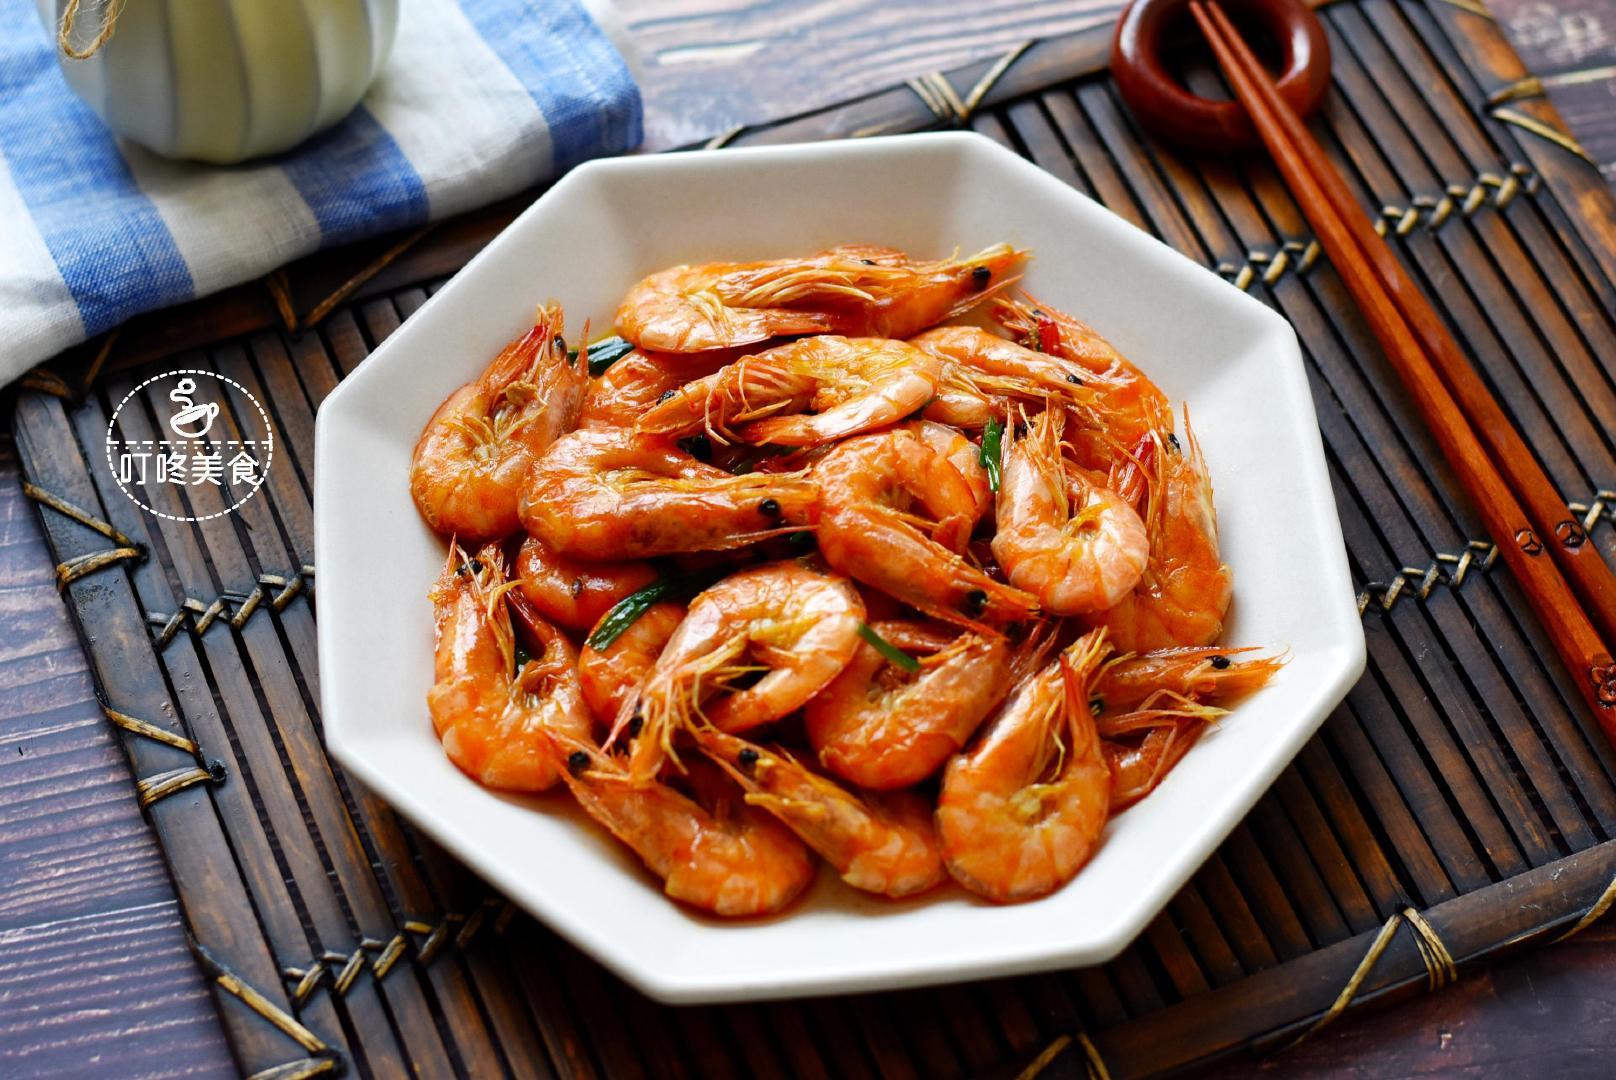 虾这样烧,比清蒸的好吃多了,鲜香又营养,简单好做,适合孩子们